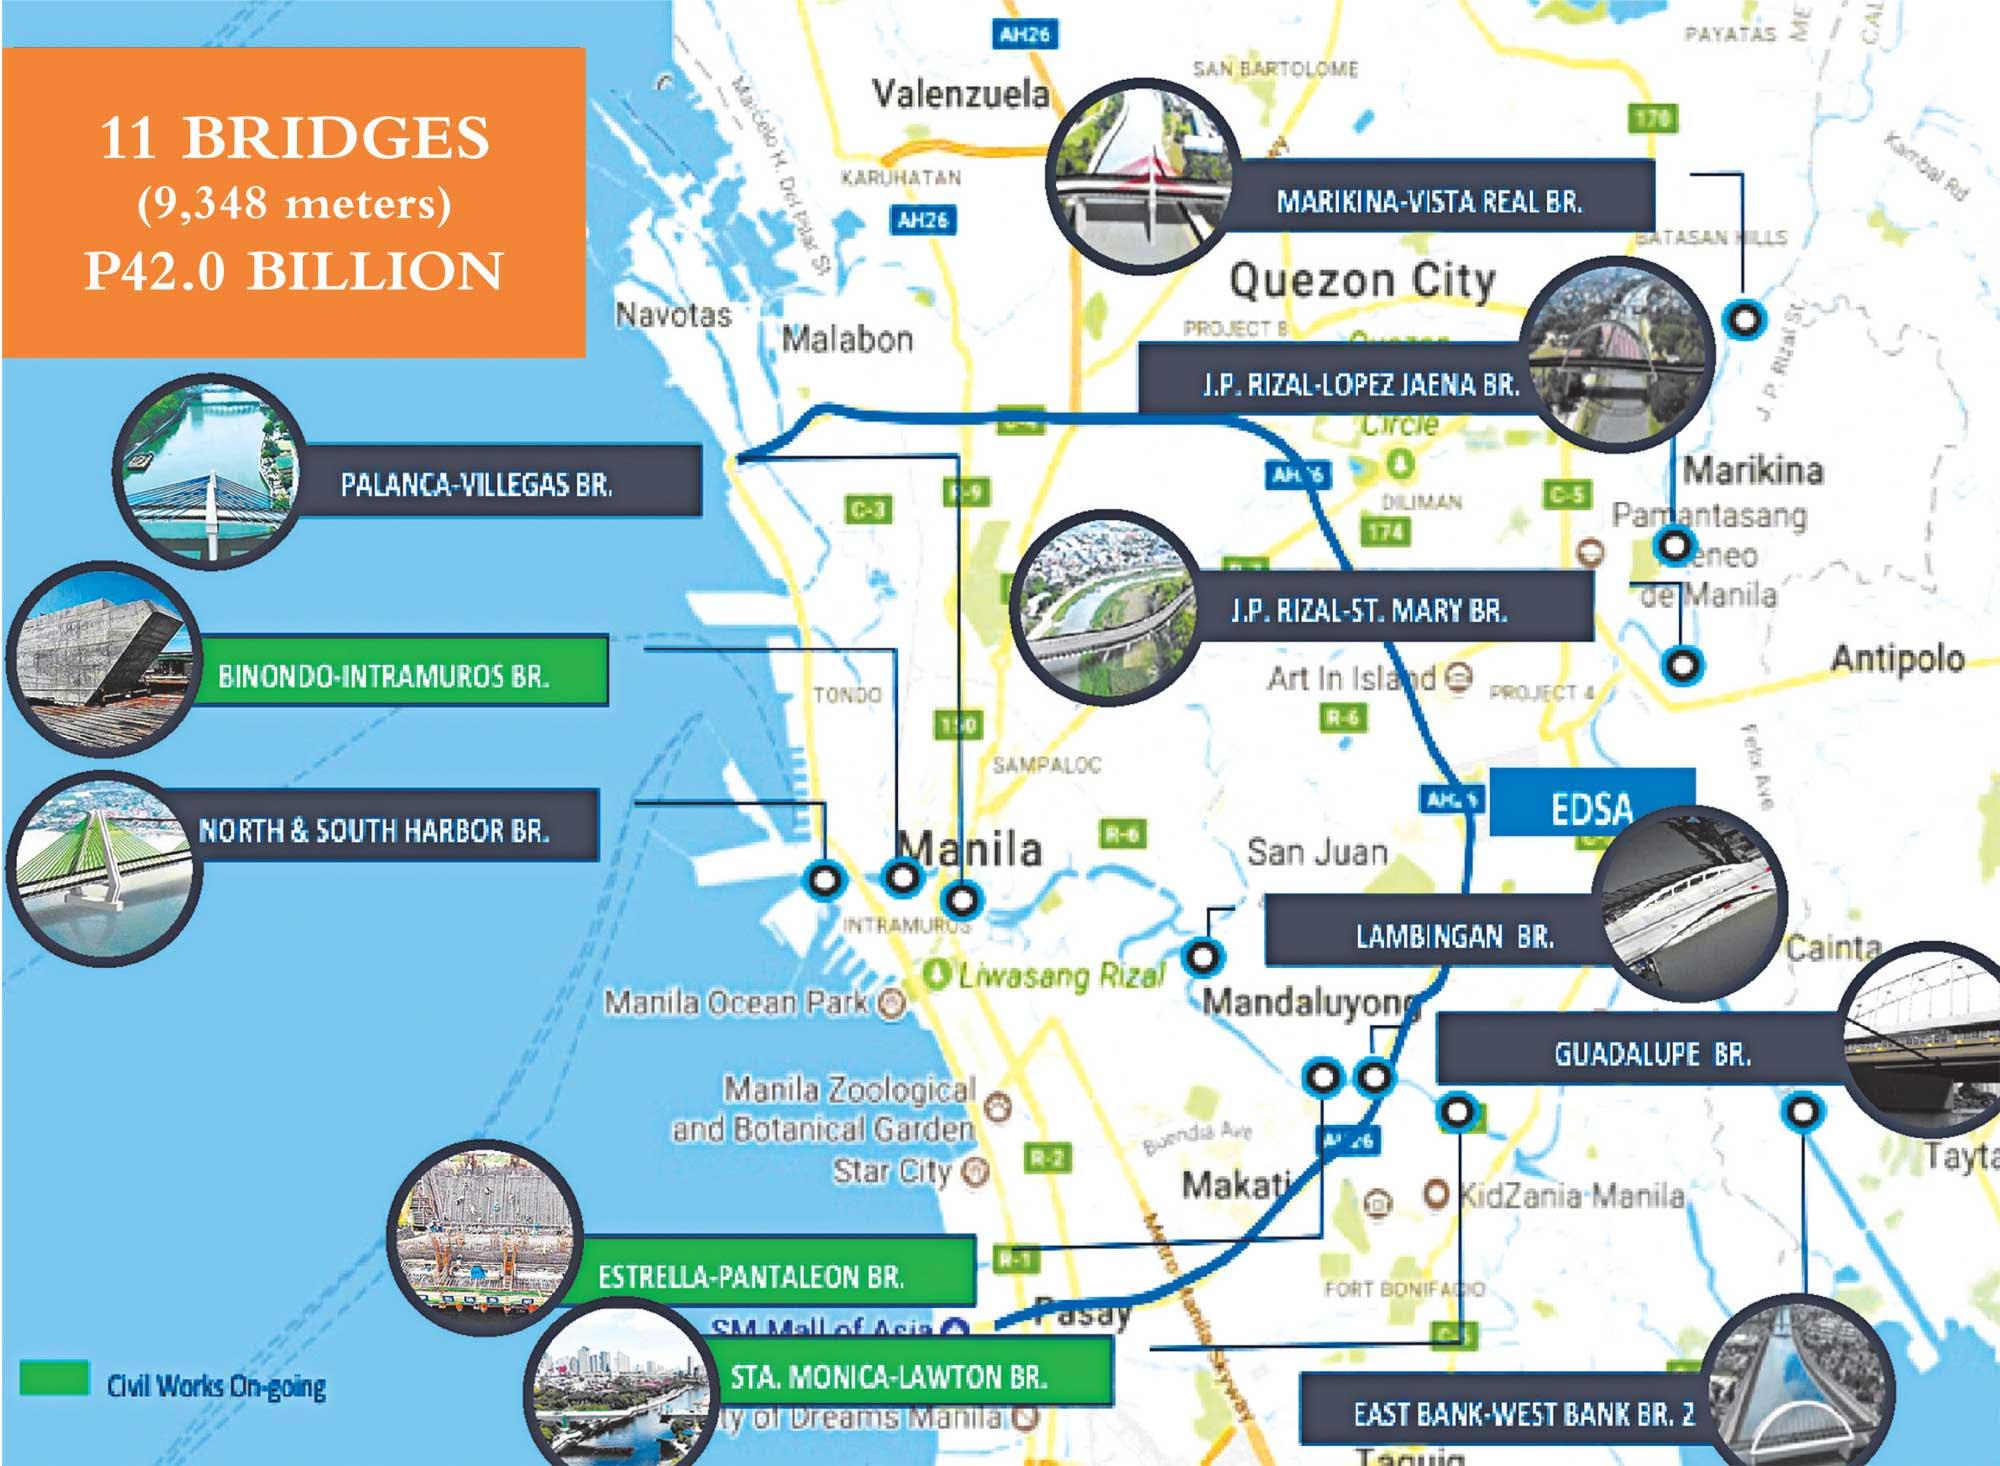 dpwh 3 - Duterte's EDSA decongestion masterplan set to ease travel around Metro Manila, expressways